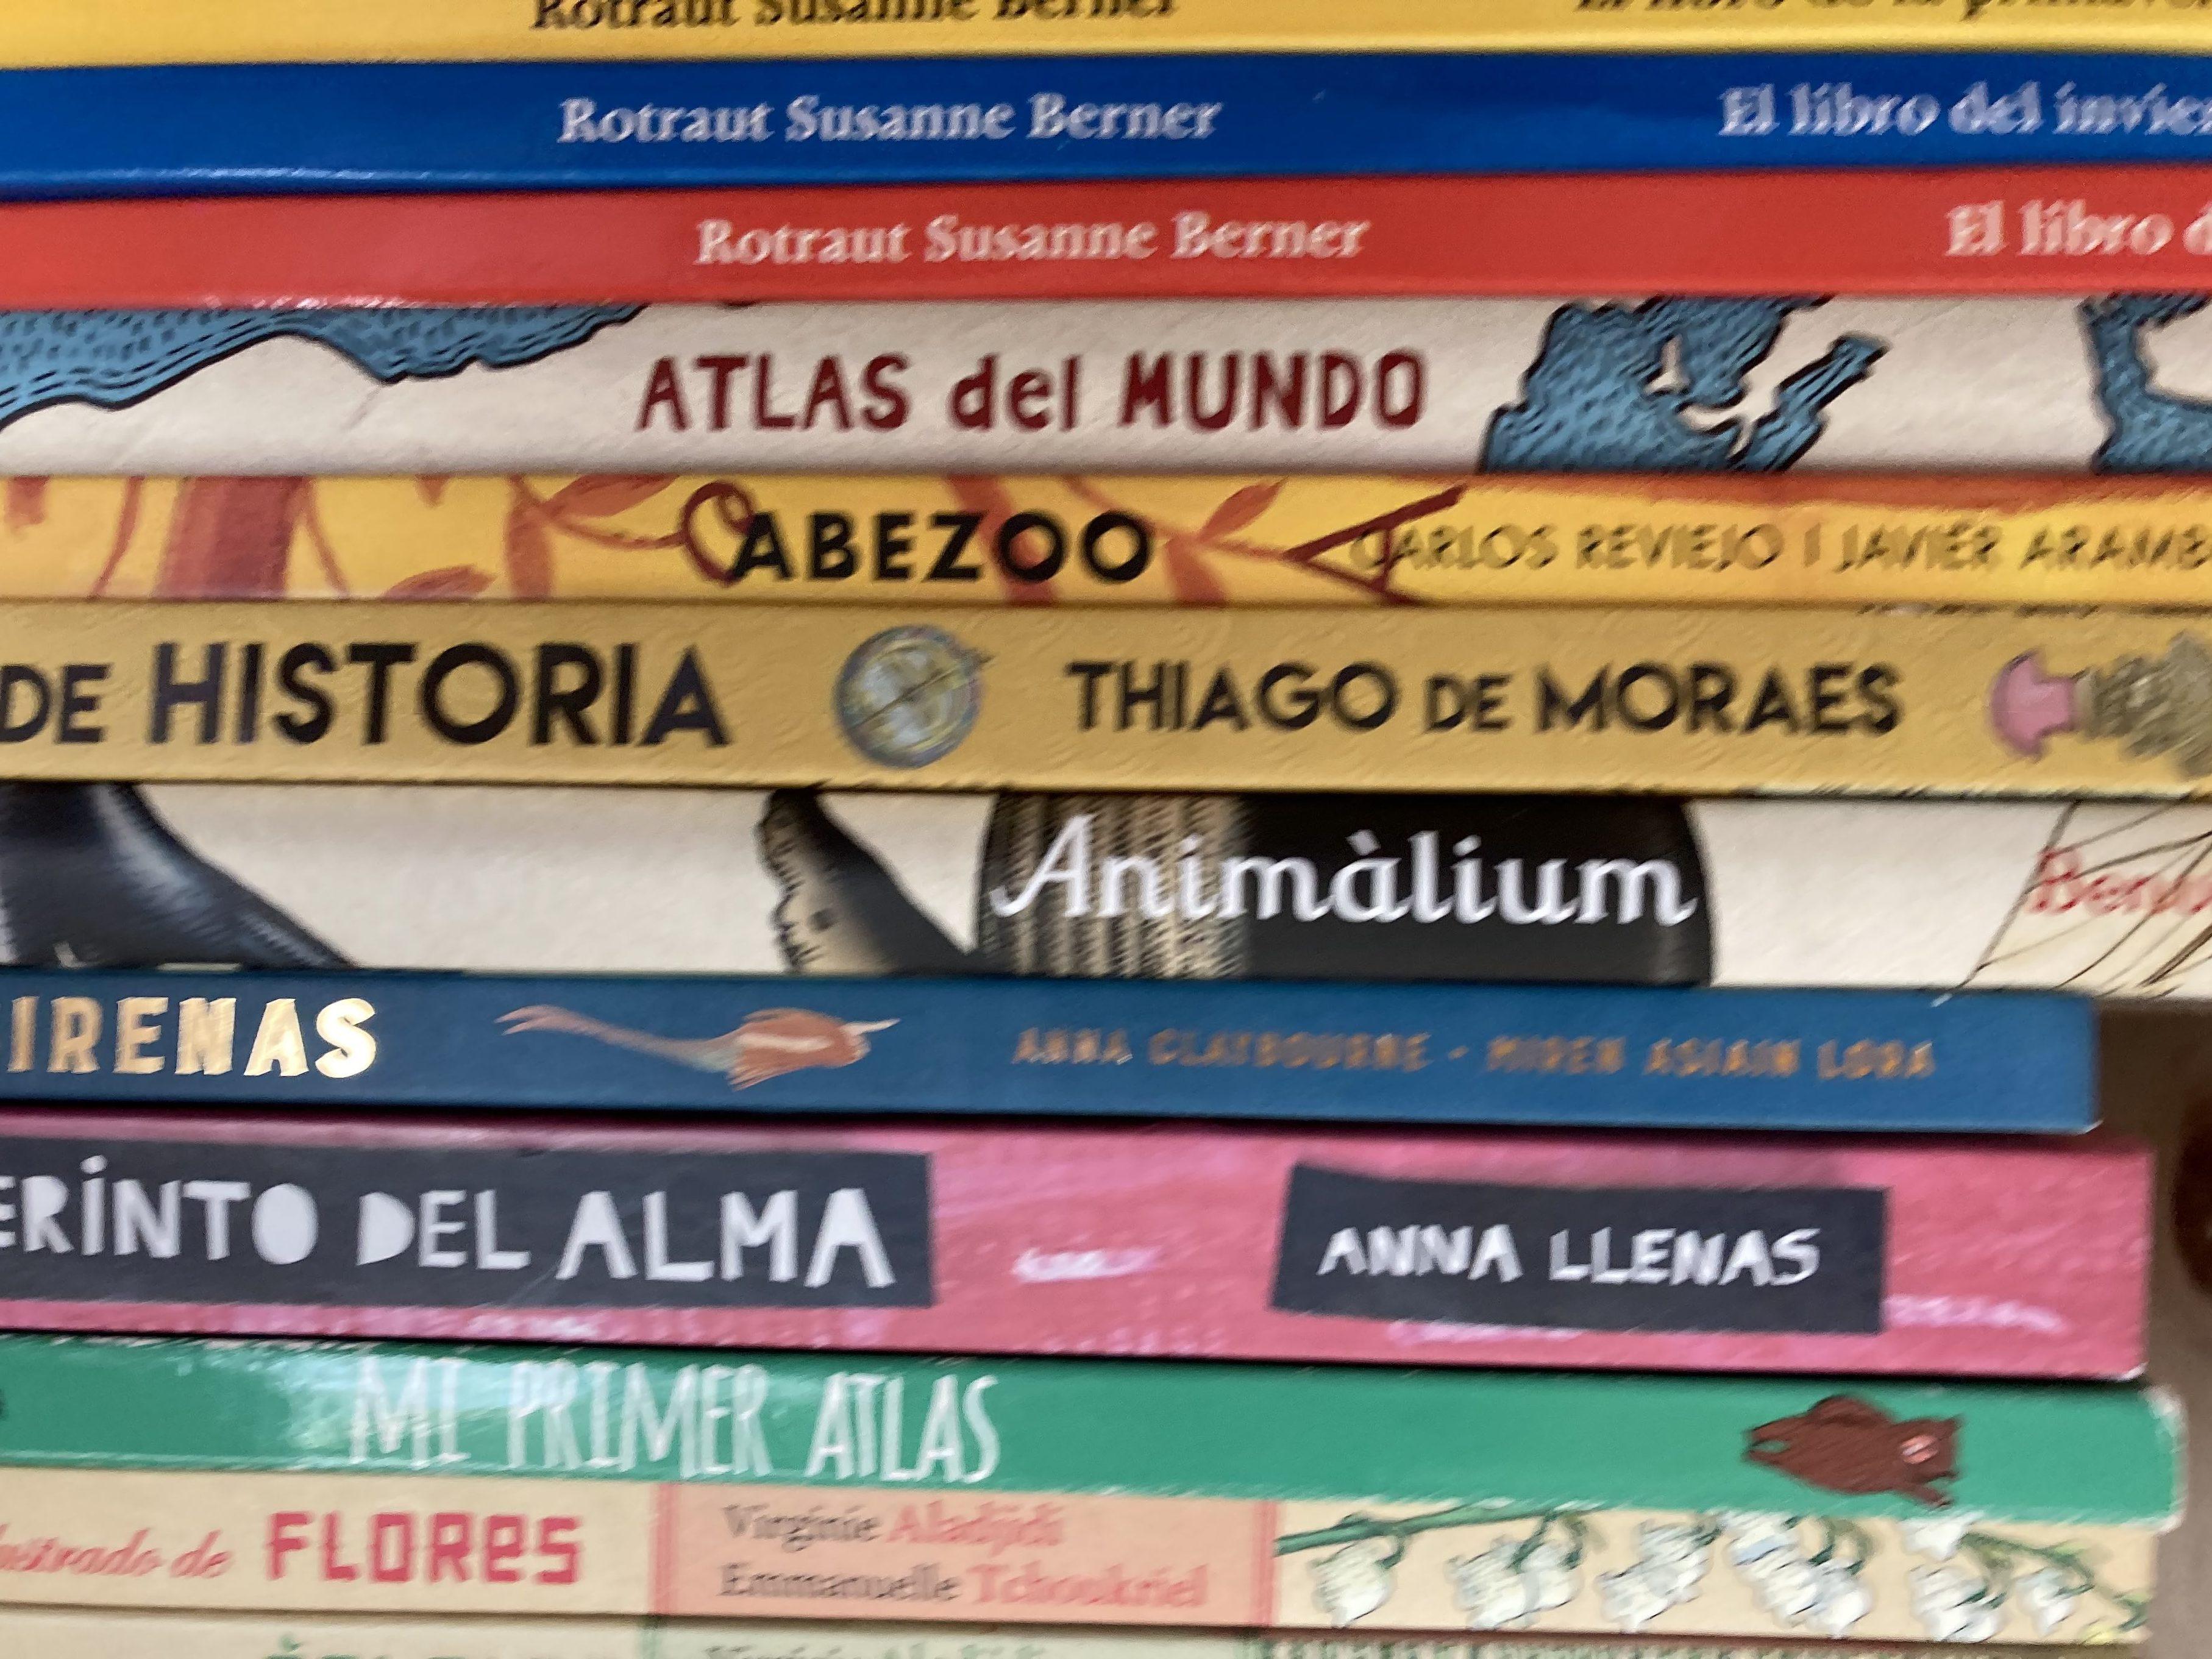 Foto de libros tomada sujetando móvil con una mano